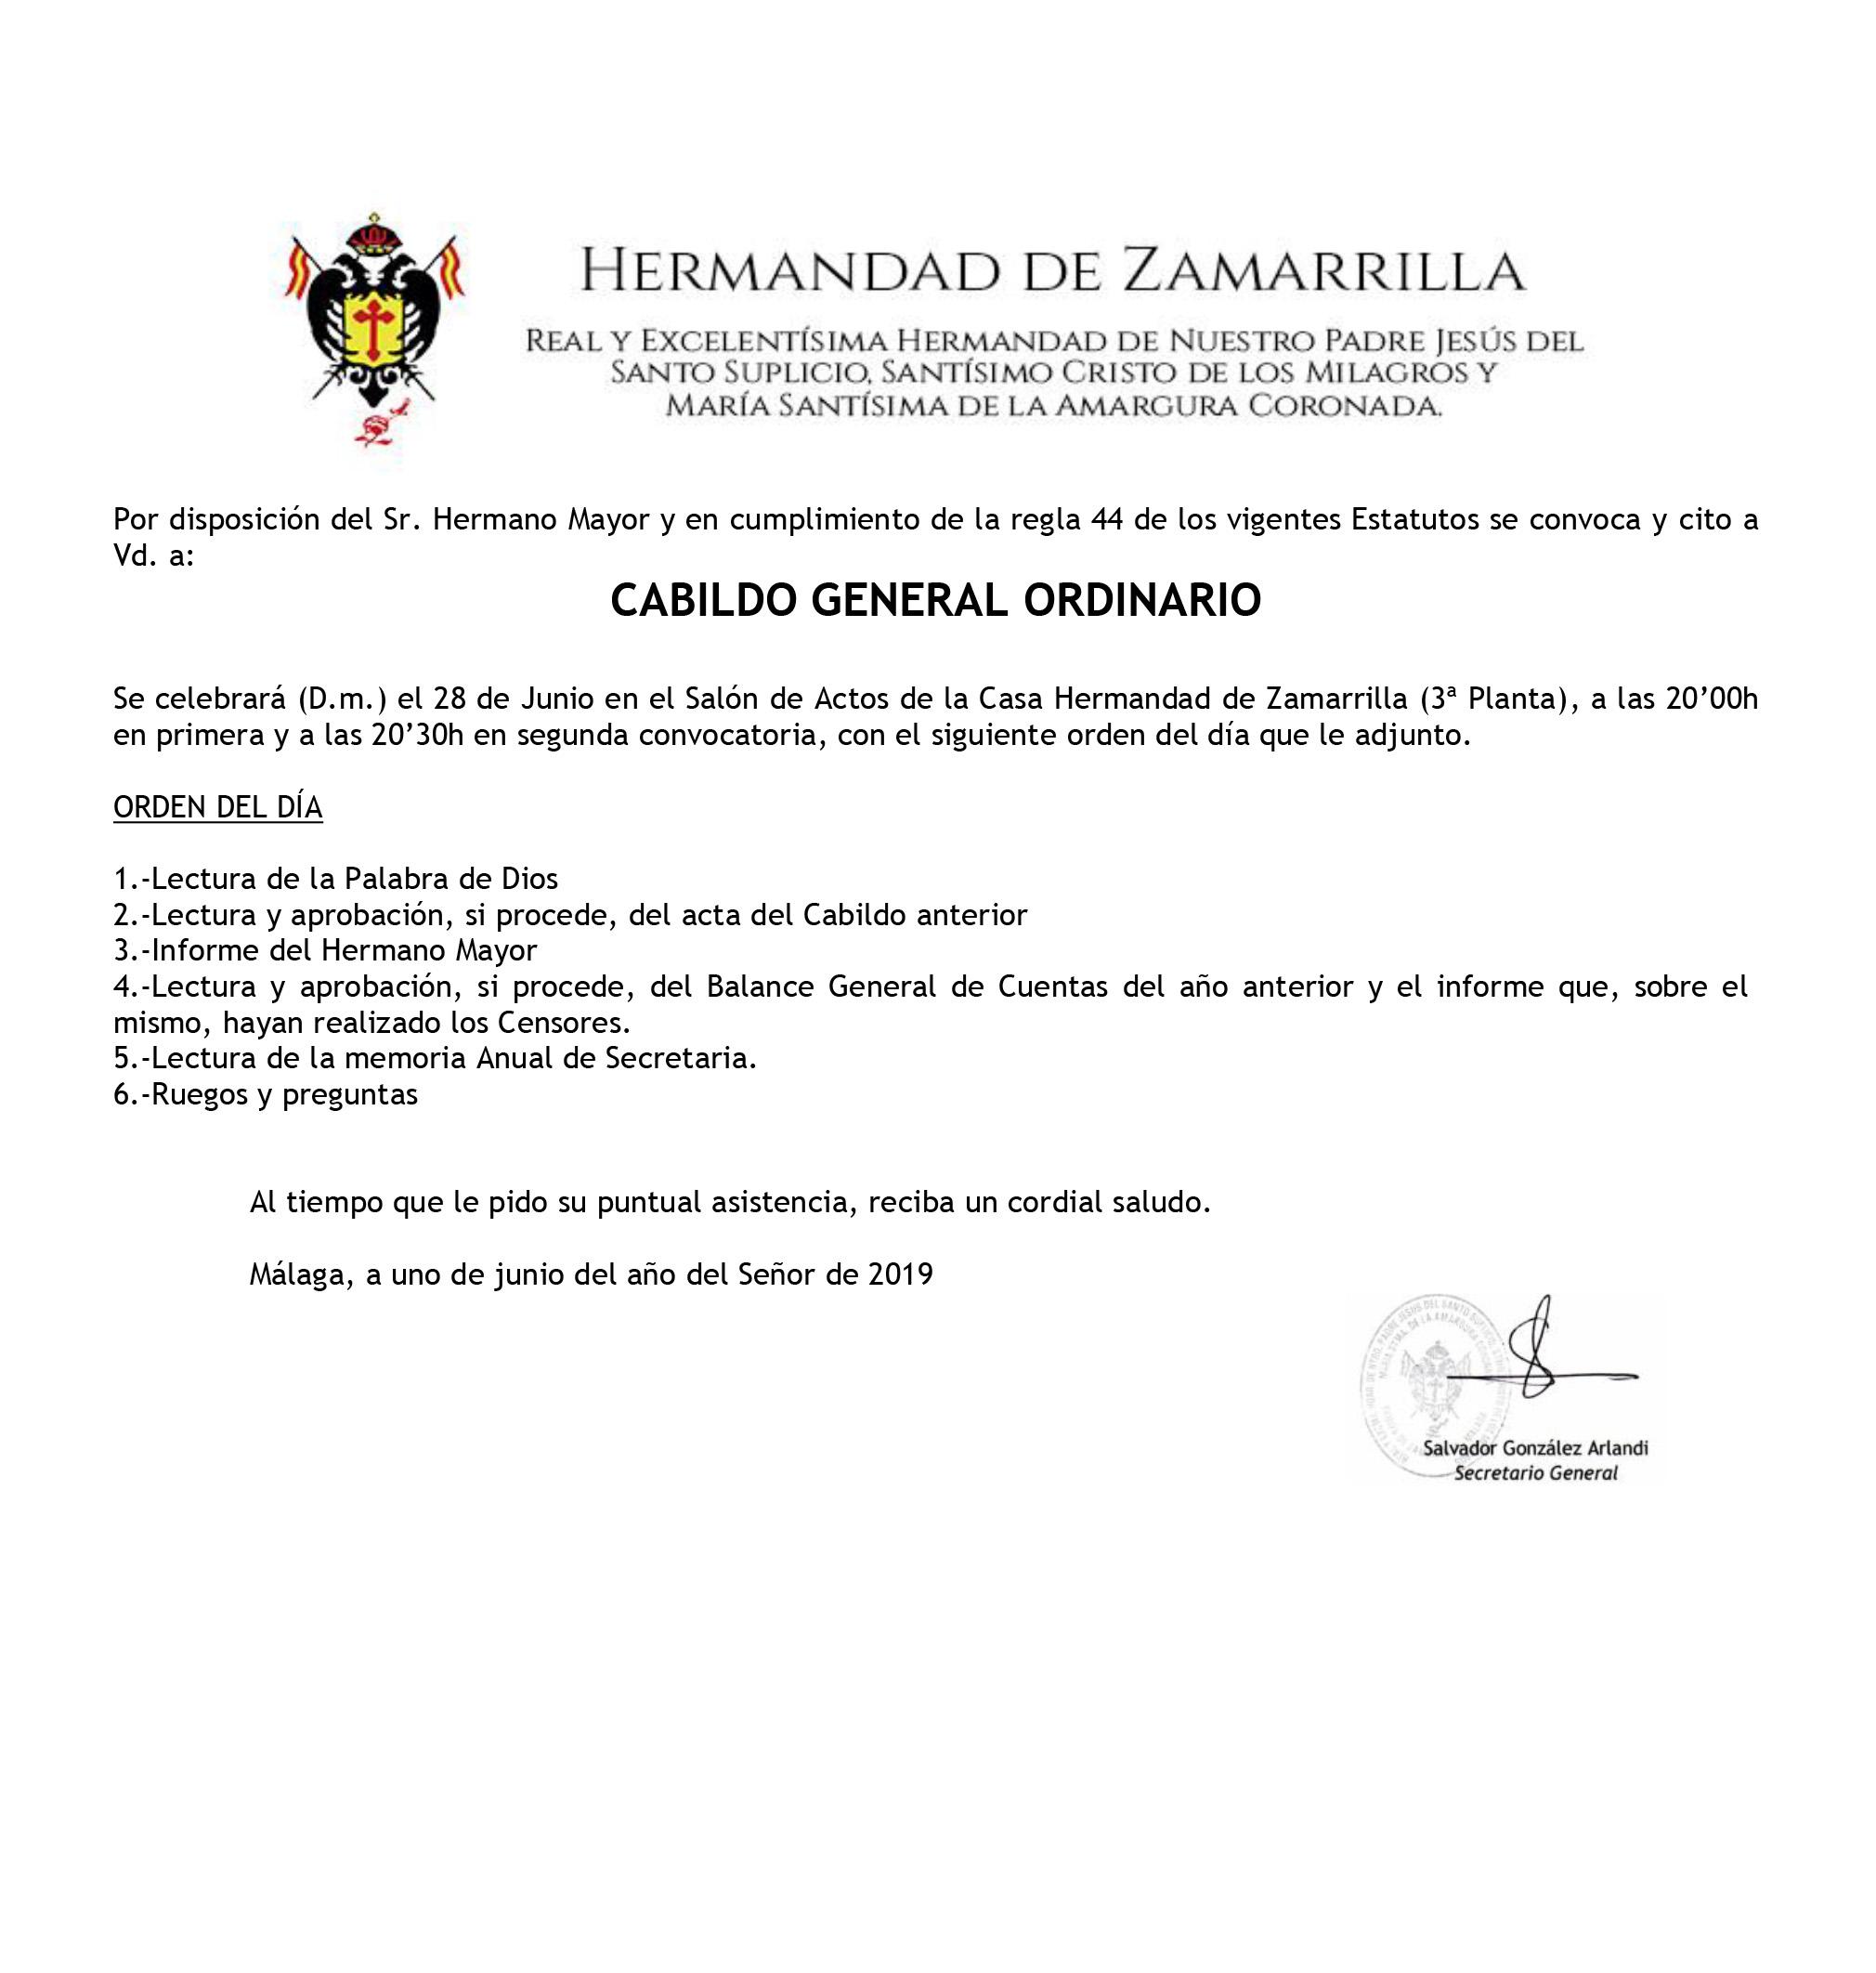 28 de Junio: Cabildo General Ordinario